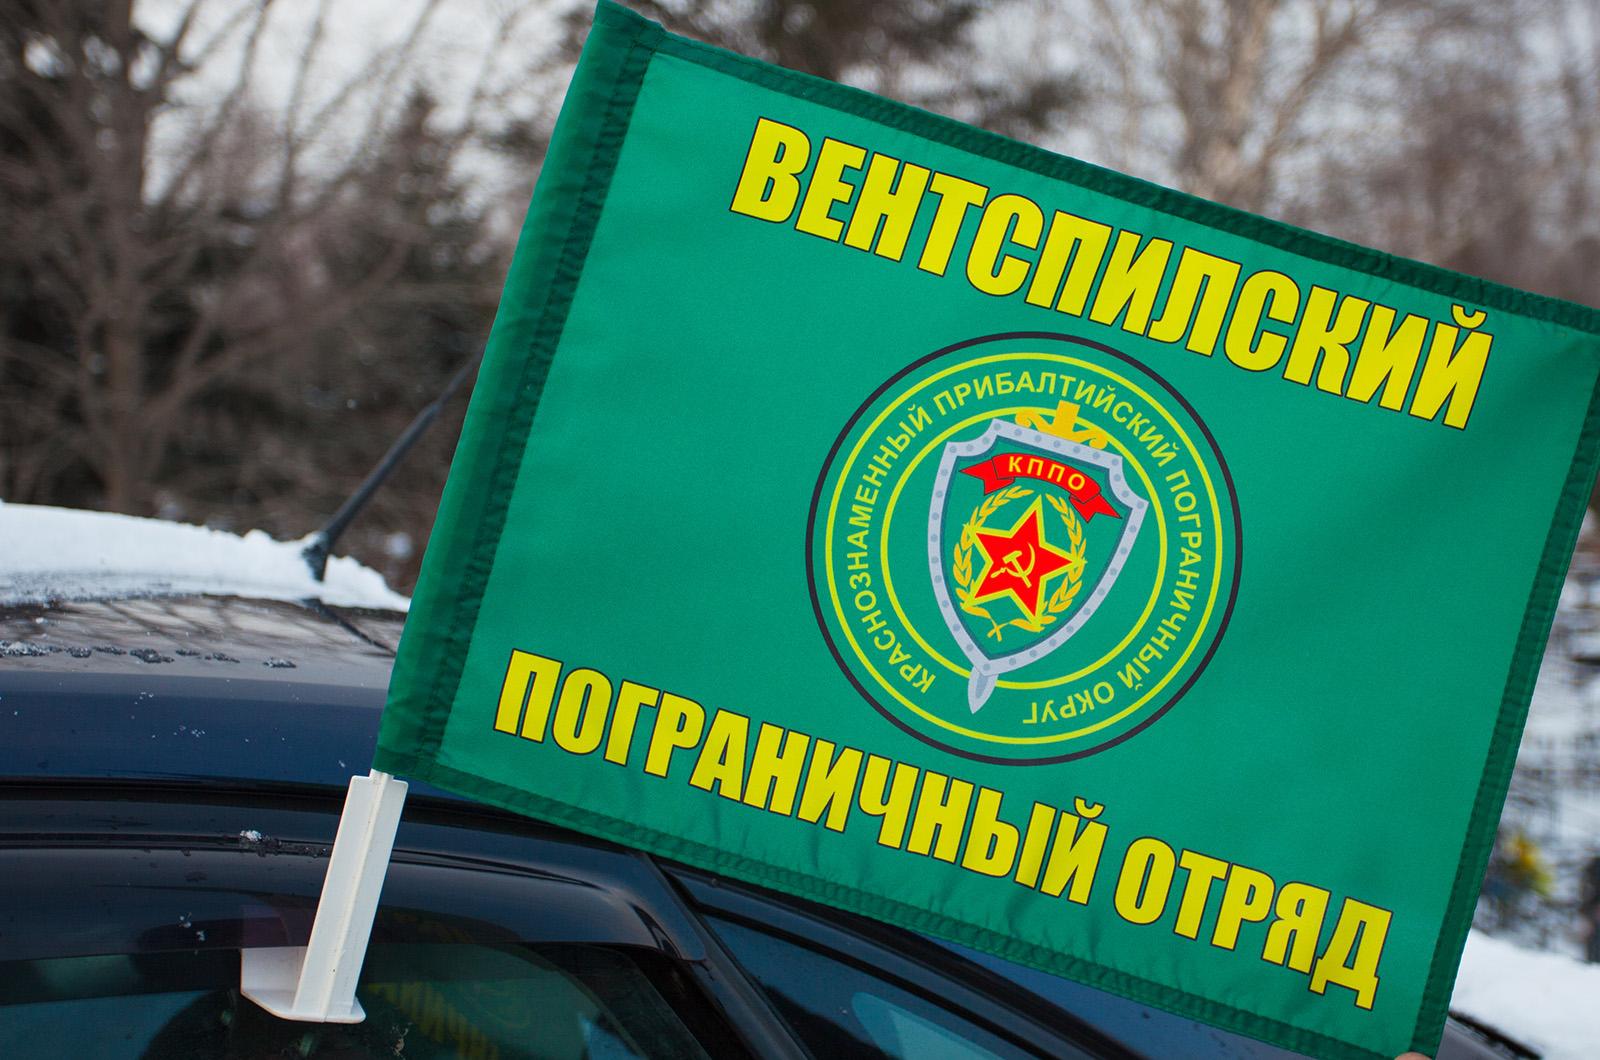 Флаг Вентспилского ПогО